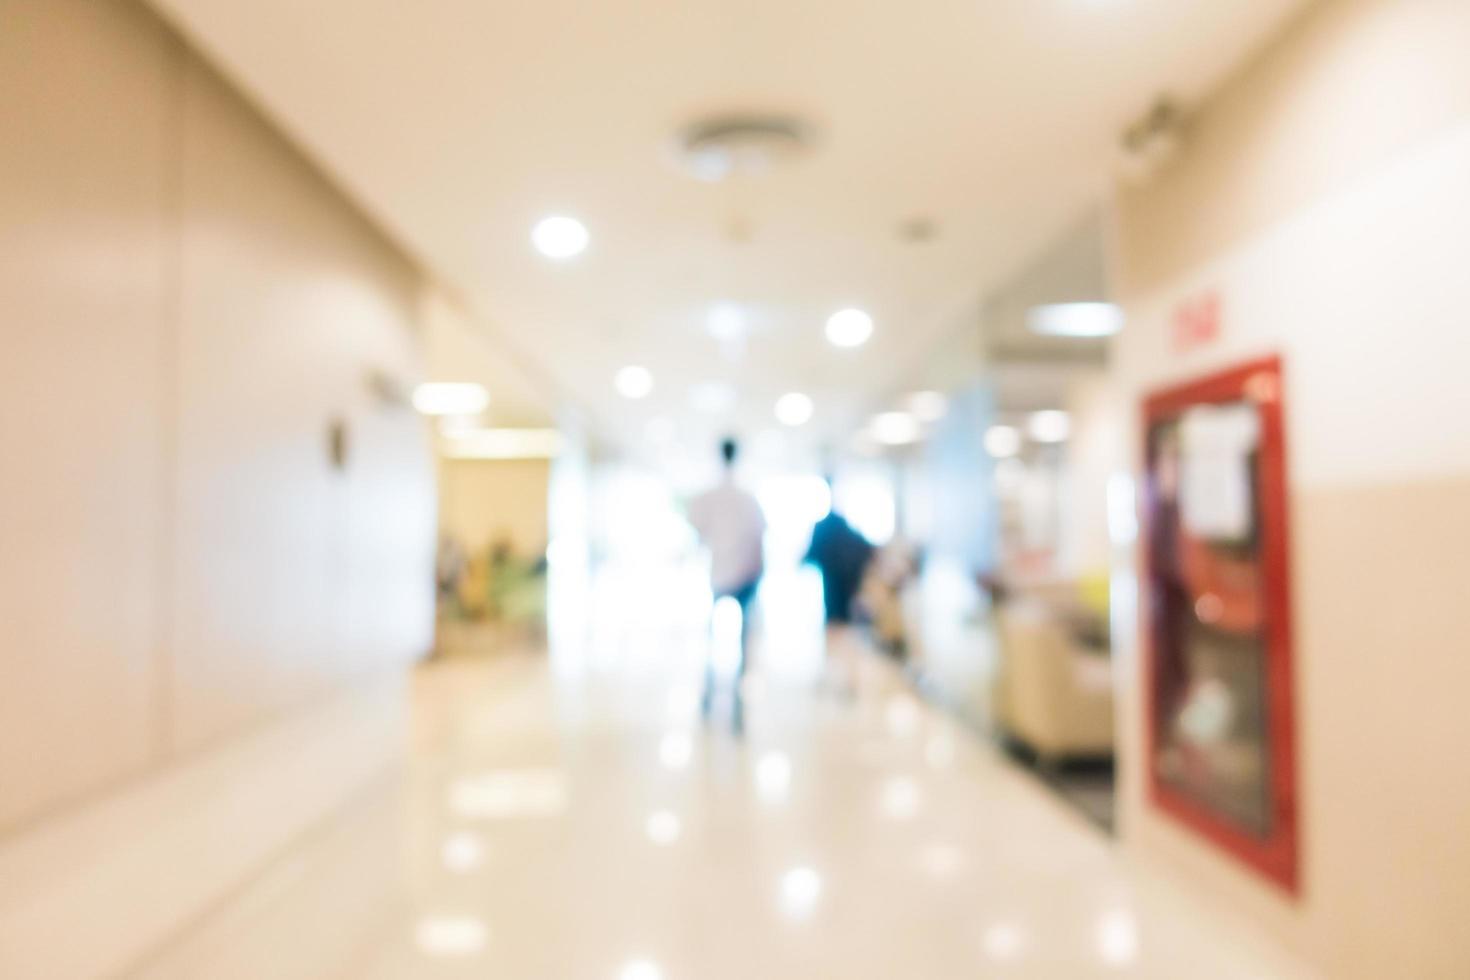 interior desenfocado abstracto del hospital y la clínica foto